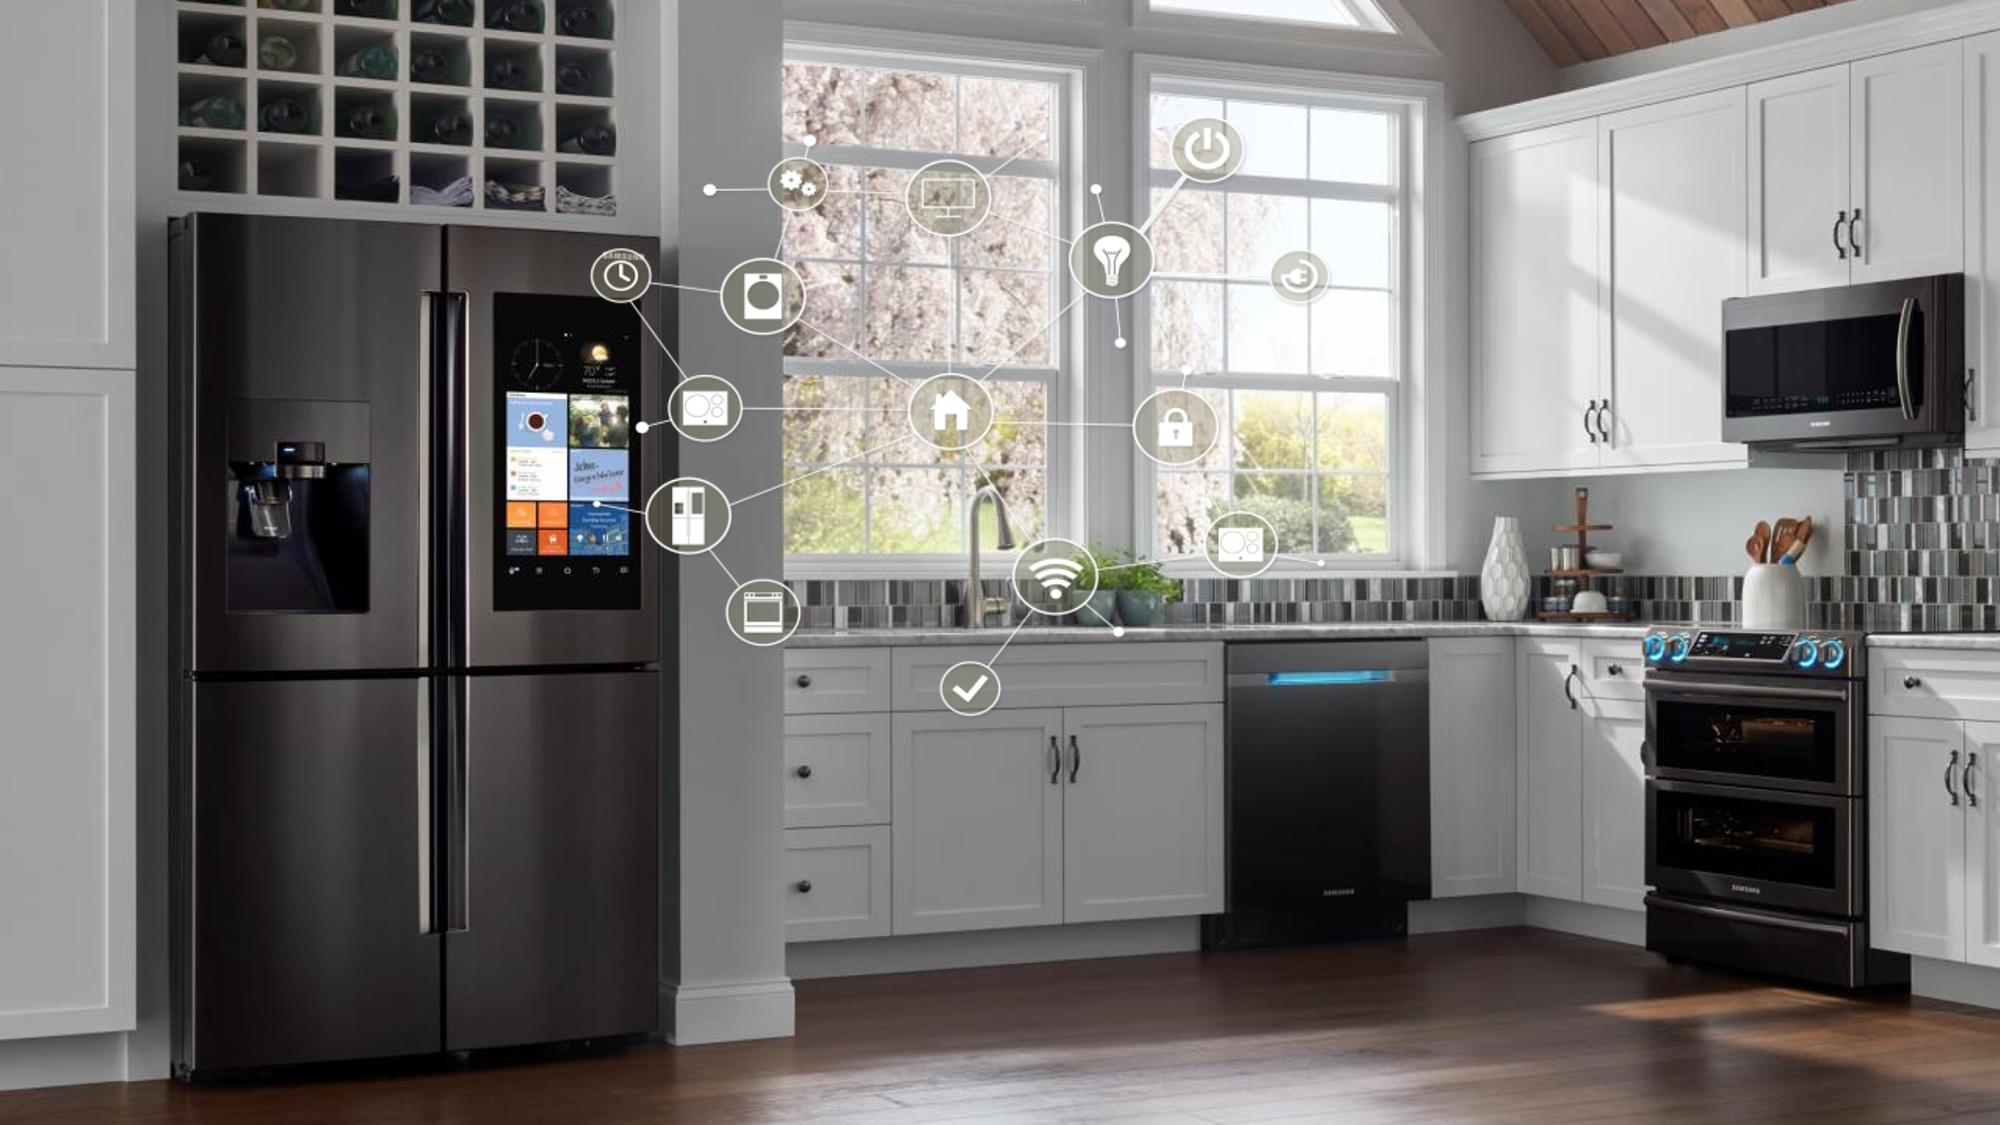 Vernetzte Küchen: Mit Samsung zum Wohnraum der Zukunft ...